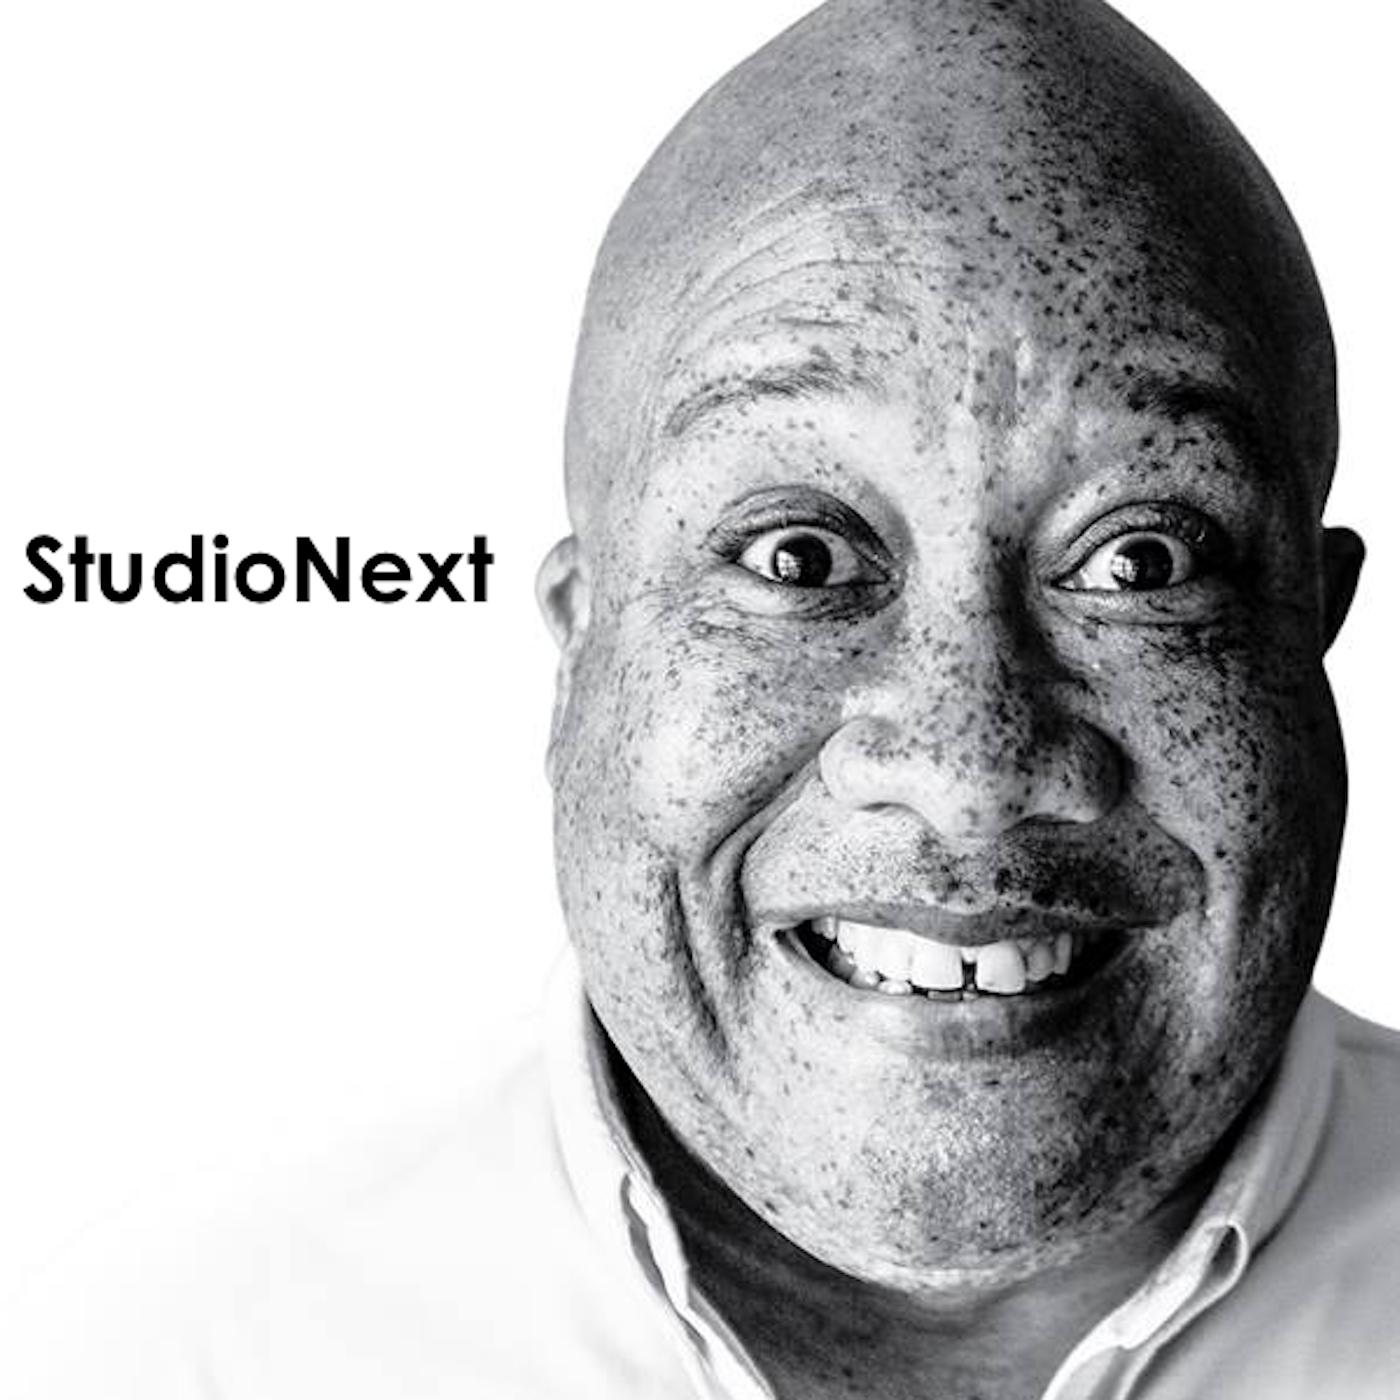 StudioNext logo